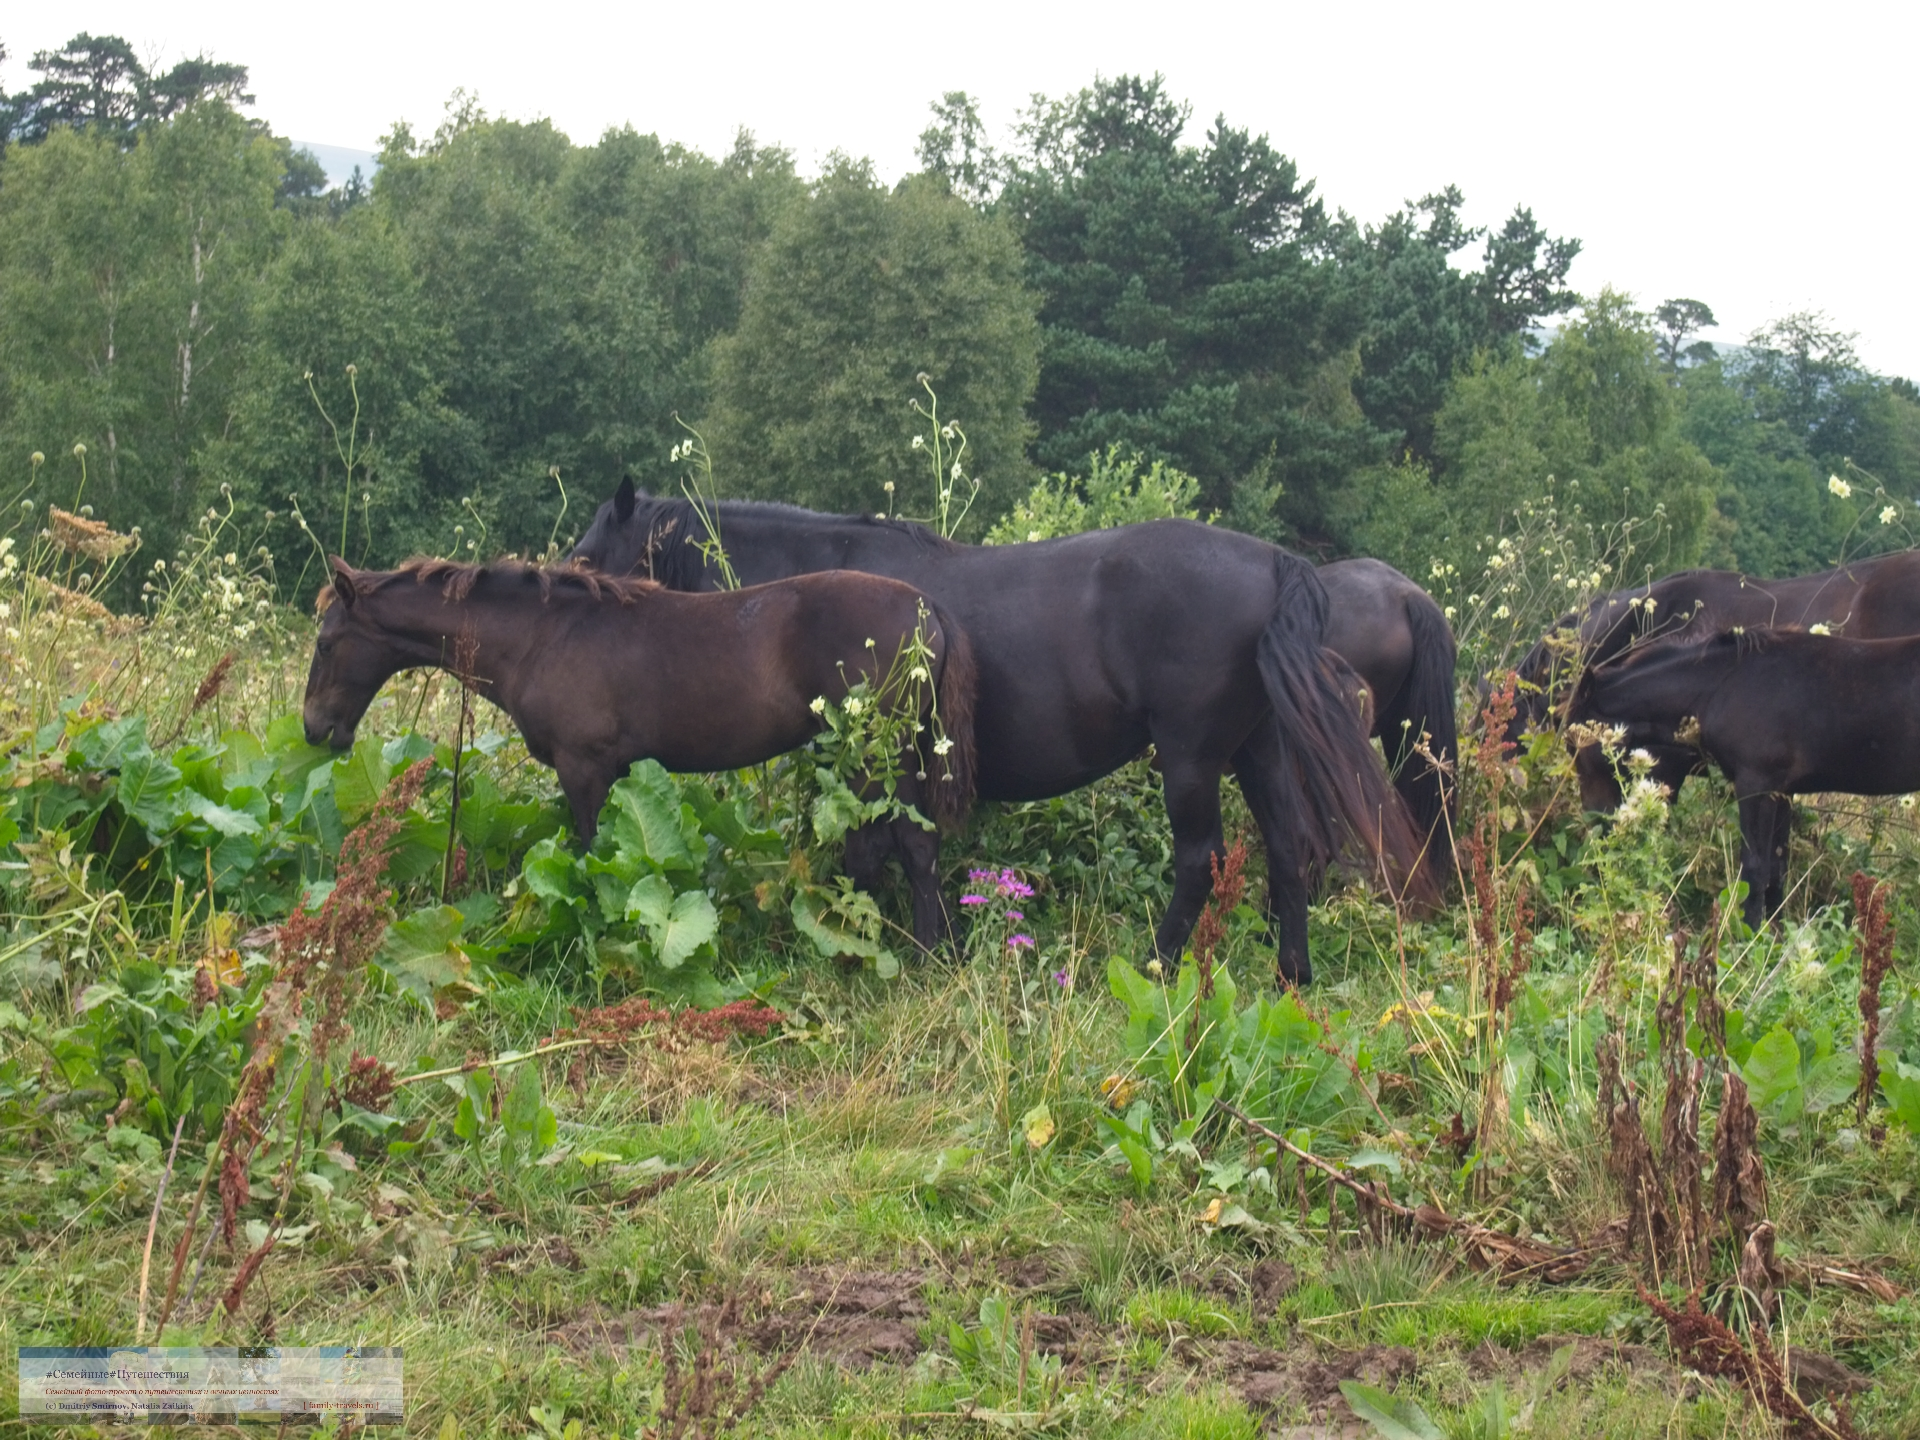 08082018-1607-Blog-038 Просто фото  Ходют кони...